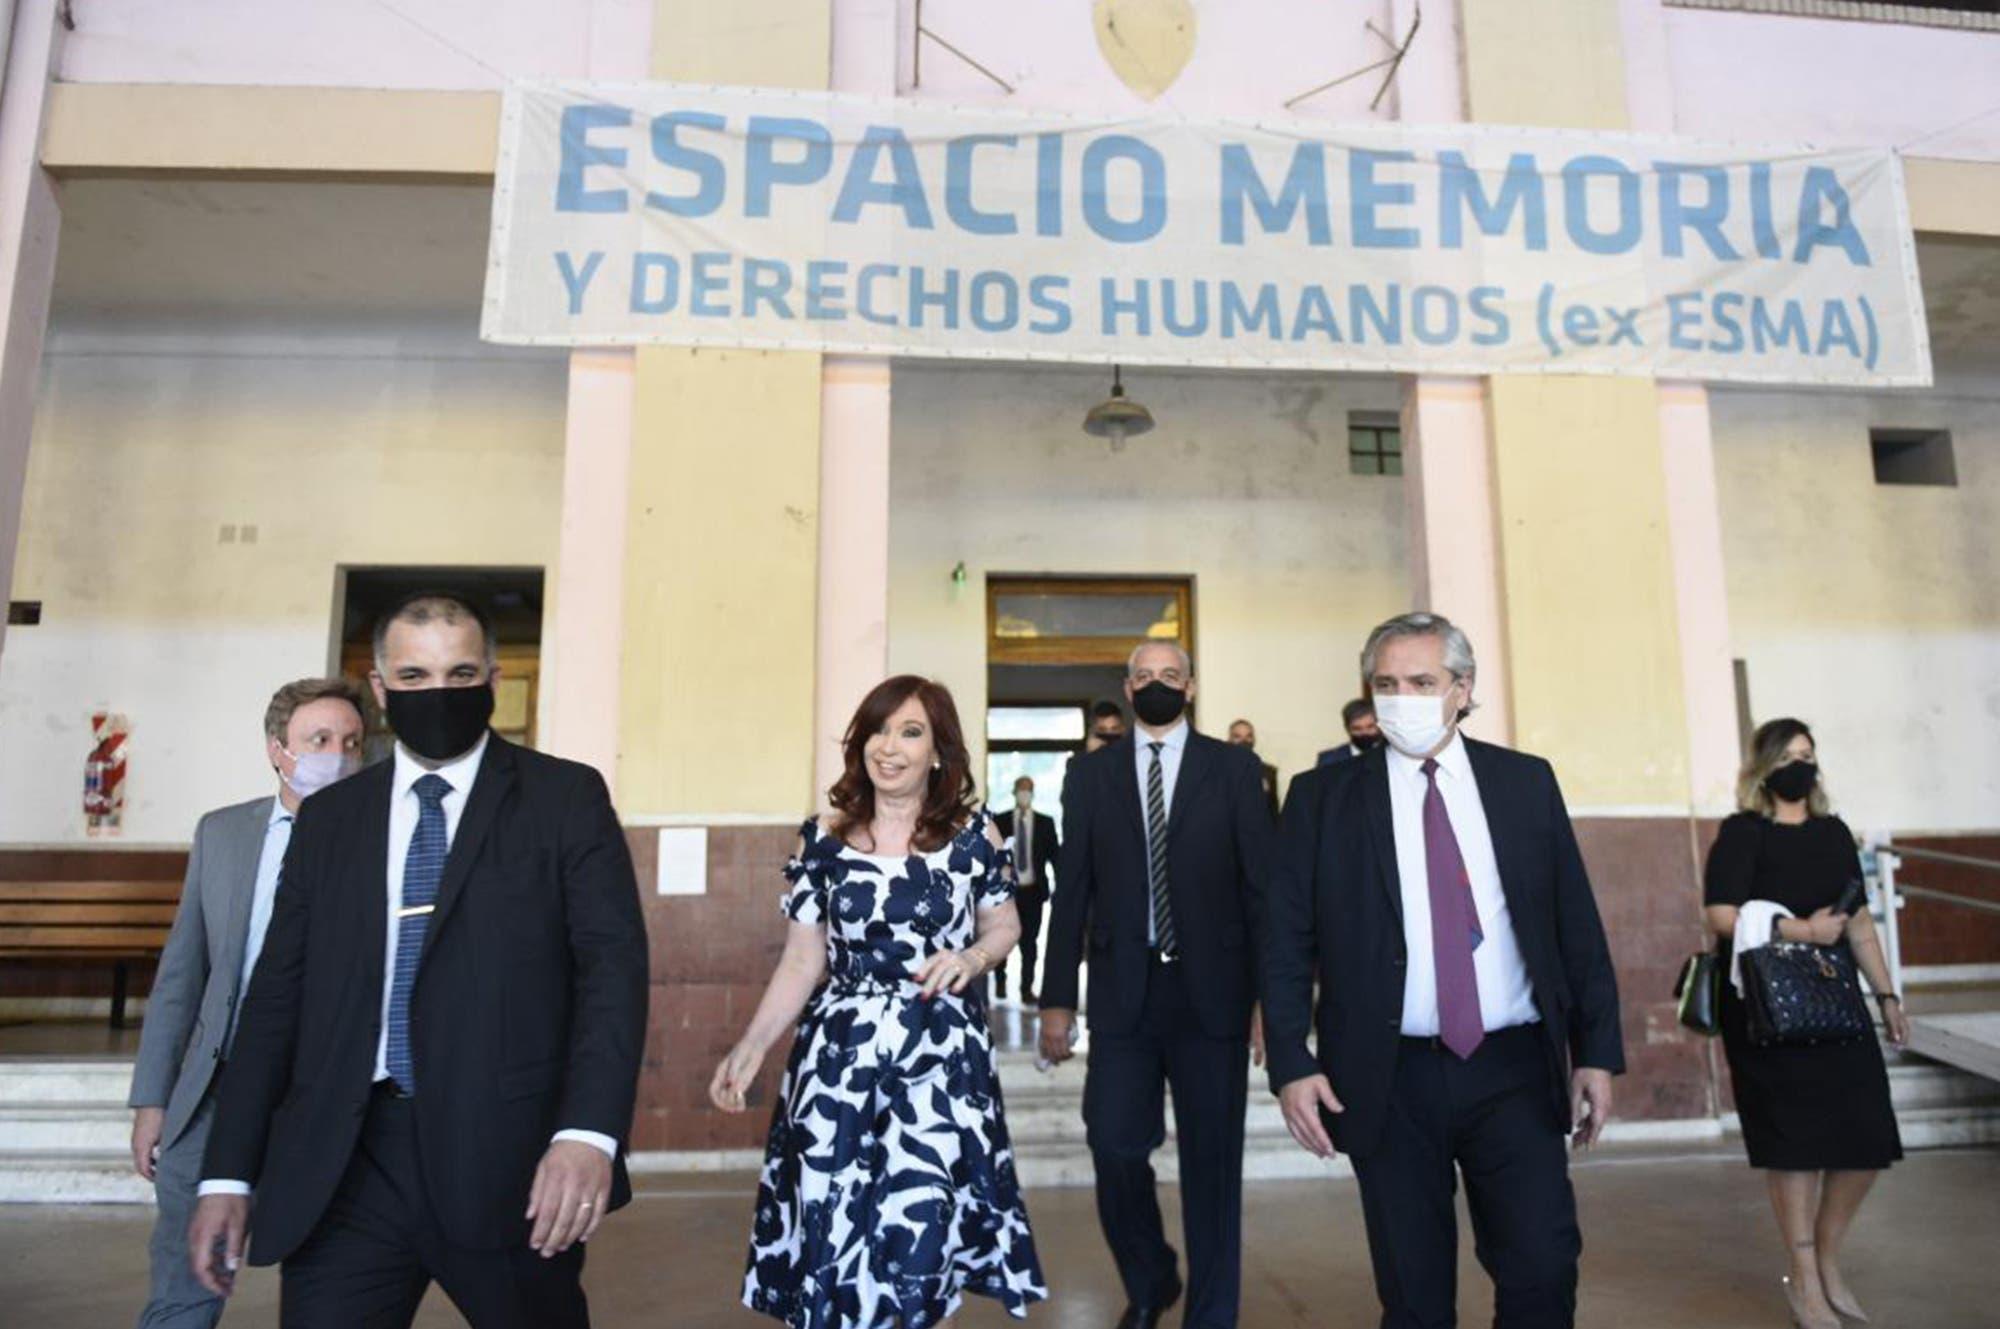 Un año de gobierno: Alberto Fernández y Cristina Kirchner comparten escenario en la exESMA